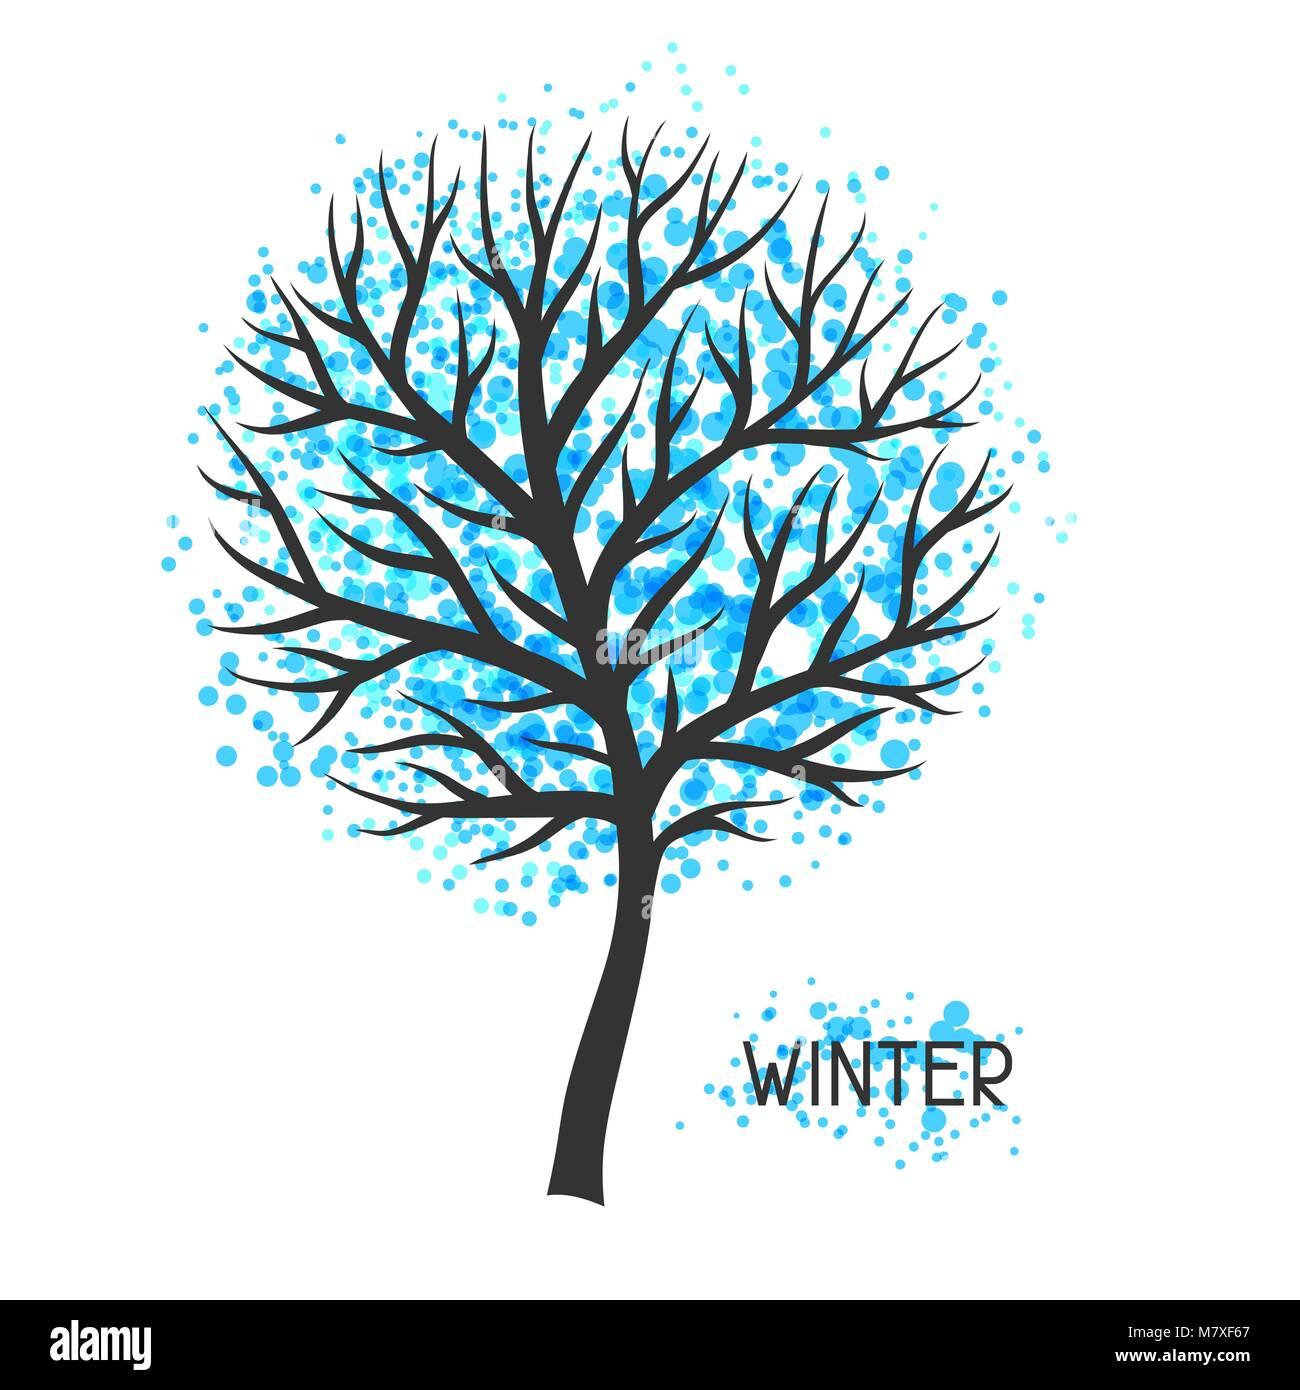 Hintergrund mit Winter Baum. Abbildung: Silhouette und abstrakte Flecken Stock Vektor